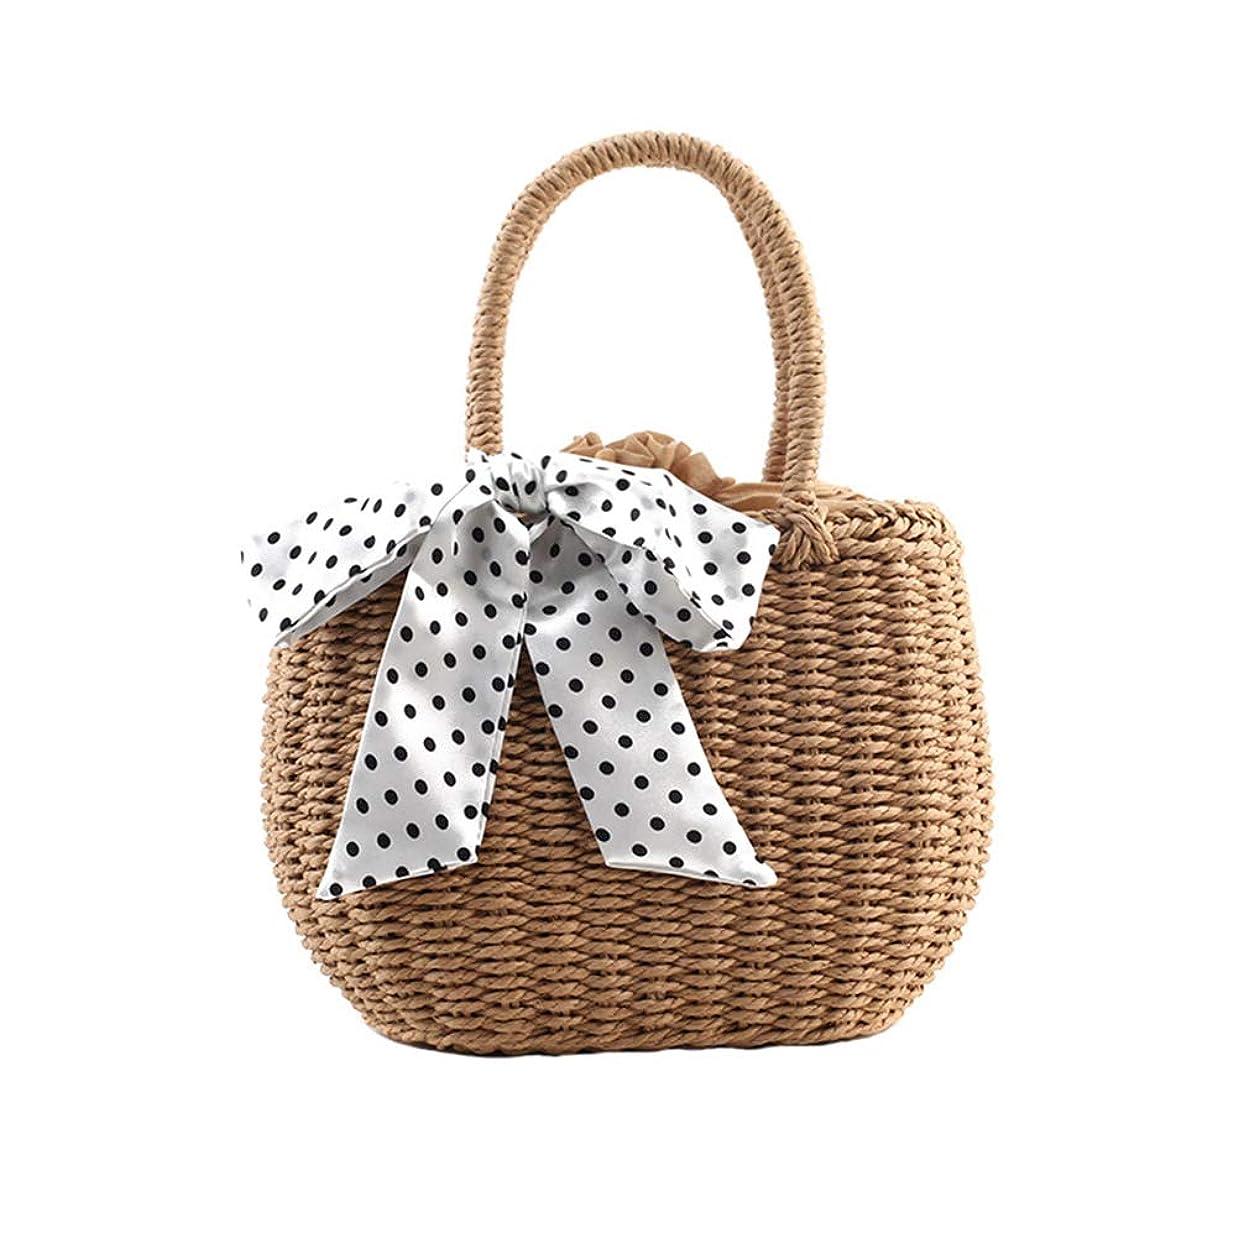 ゲーム部分的費やすリボン カゴバッグ 巾着 編みバッグ 小さめ ストローバッグ 手提げ 草編みバッグ 可愛い 編みかご 麦わら ミニトートバッグ お洒落 レディース 夏バッグ 通勤 海旅行用 ビーチバッグ